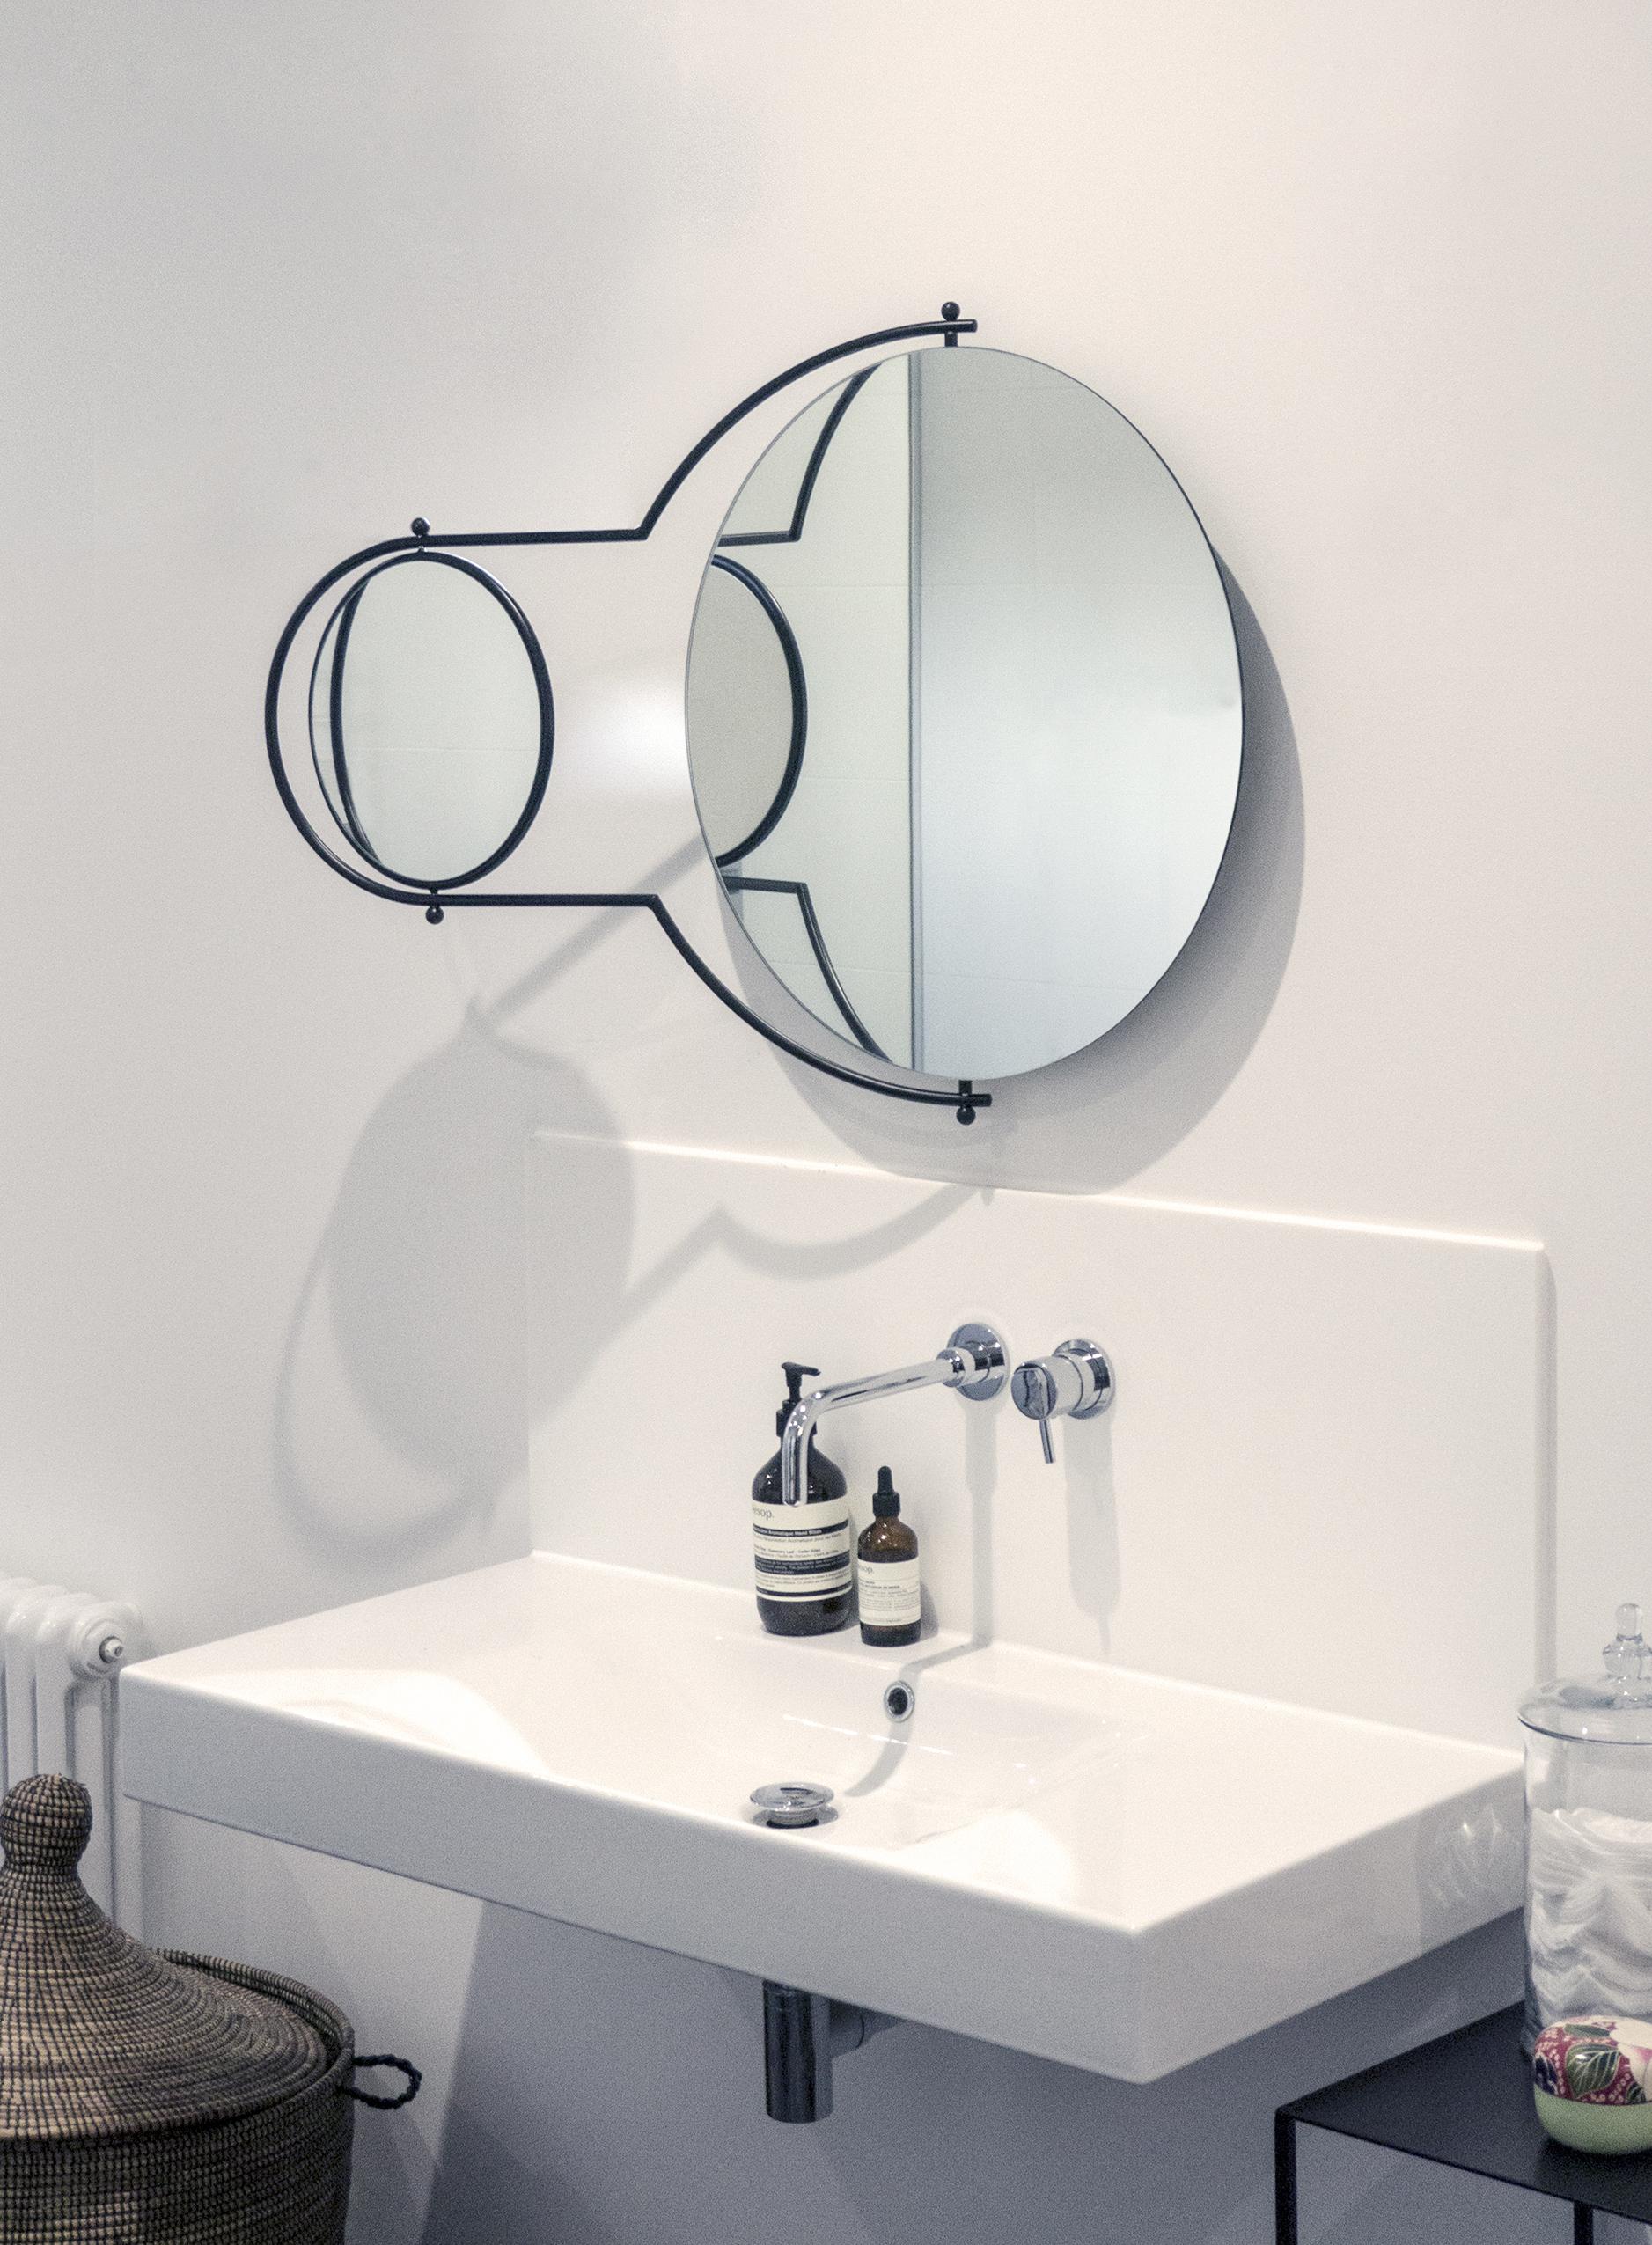 OMK 'Orbit' Mirror - Designed 1981